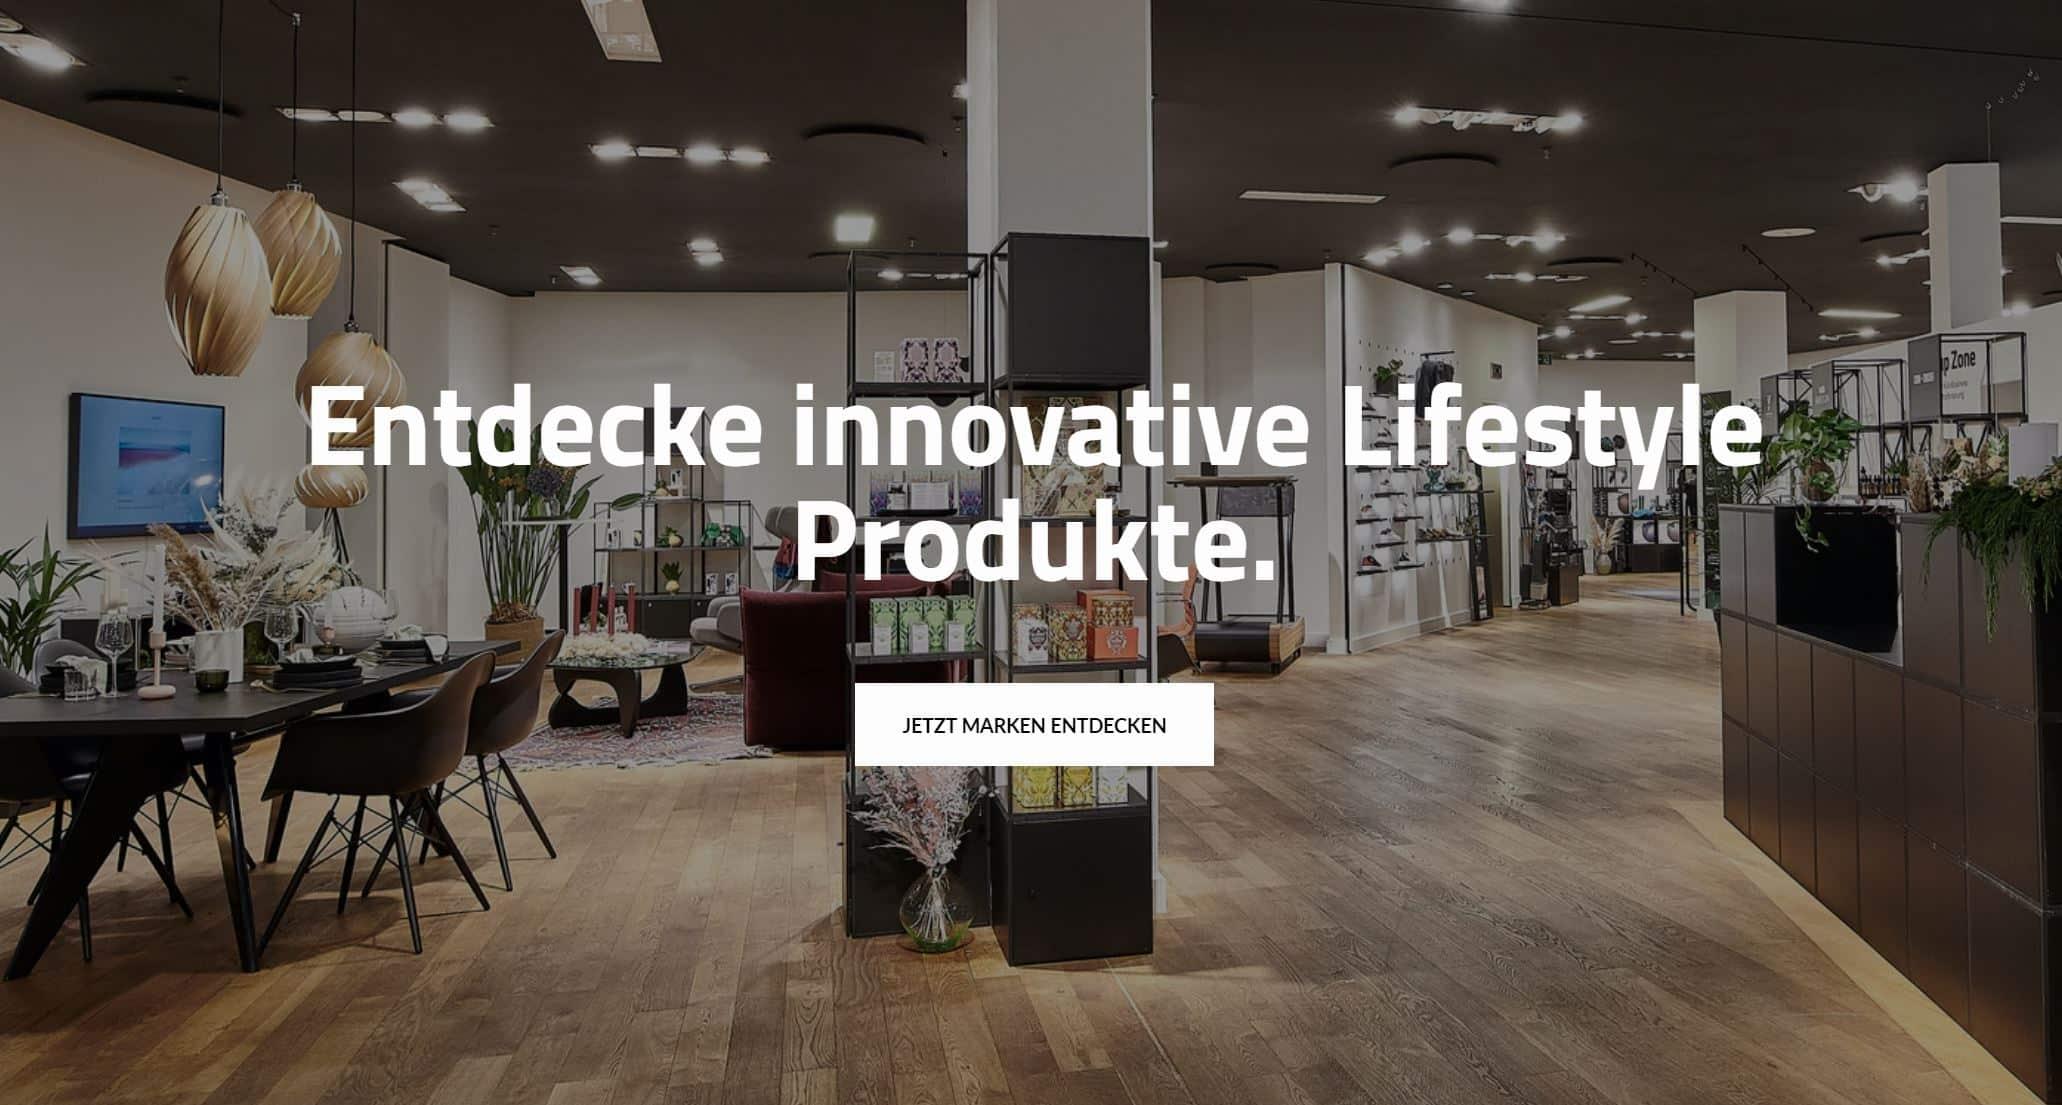 Marktplatz für innovative Lifestyle-Produkte